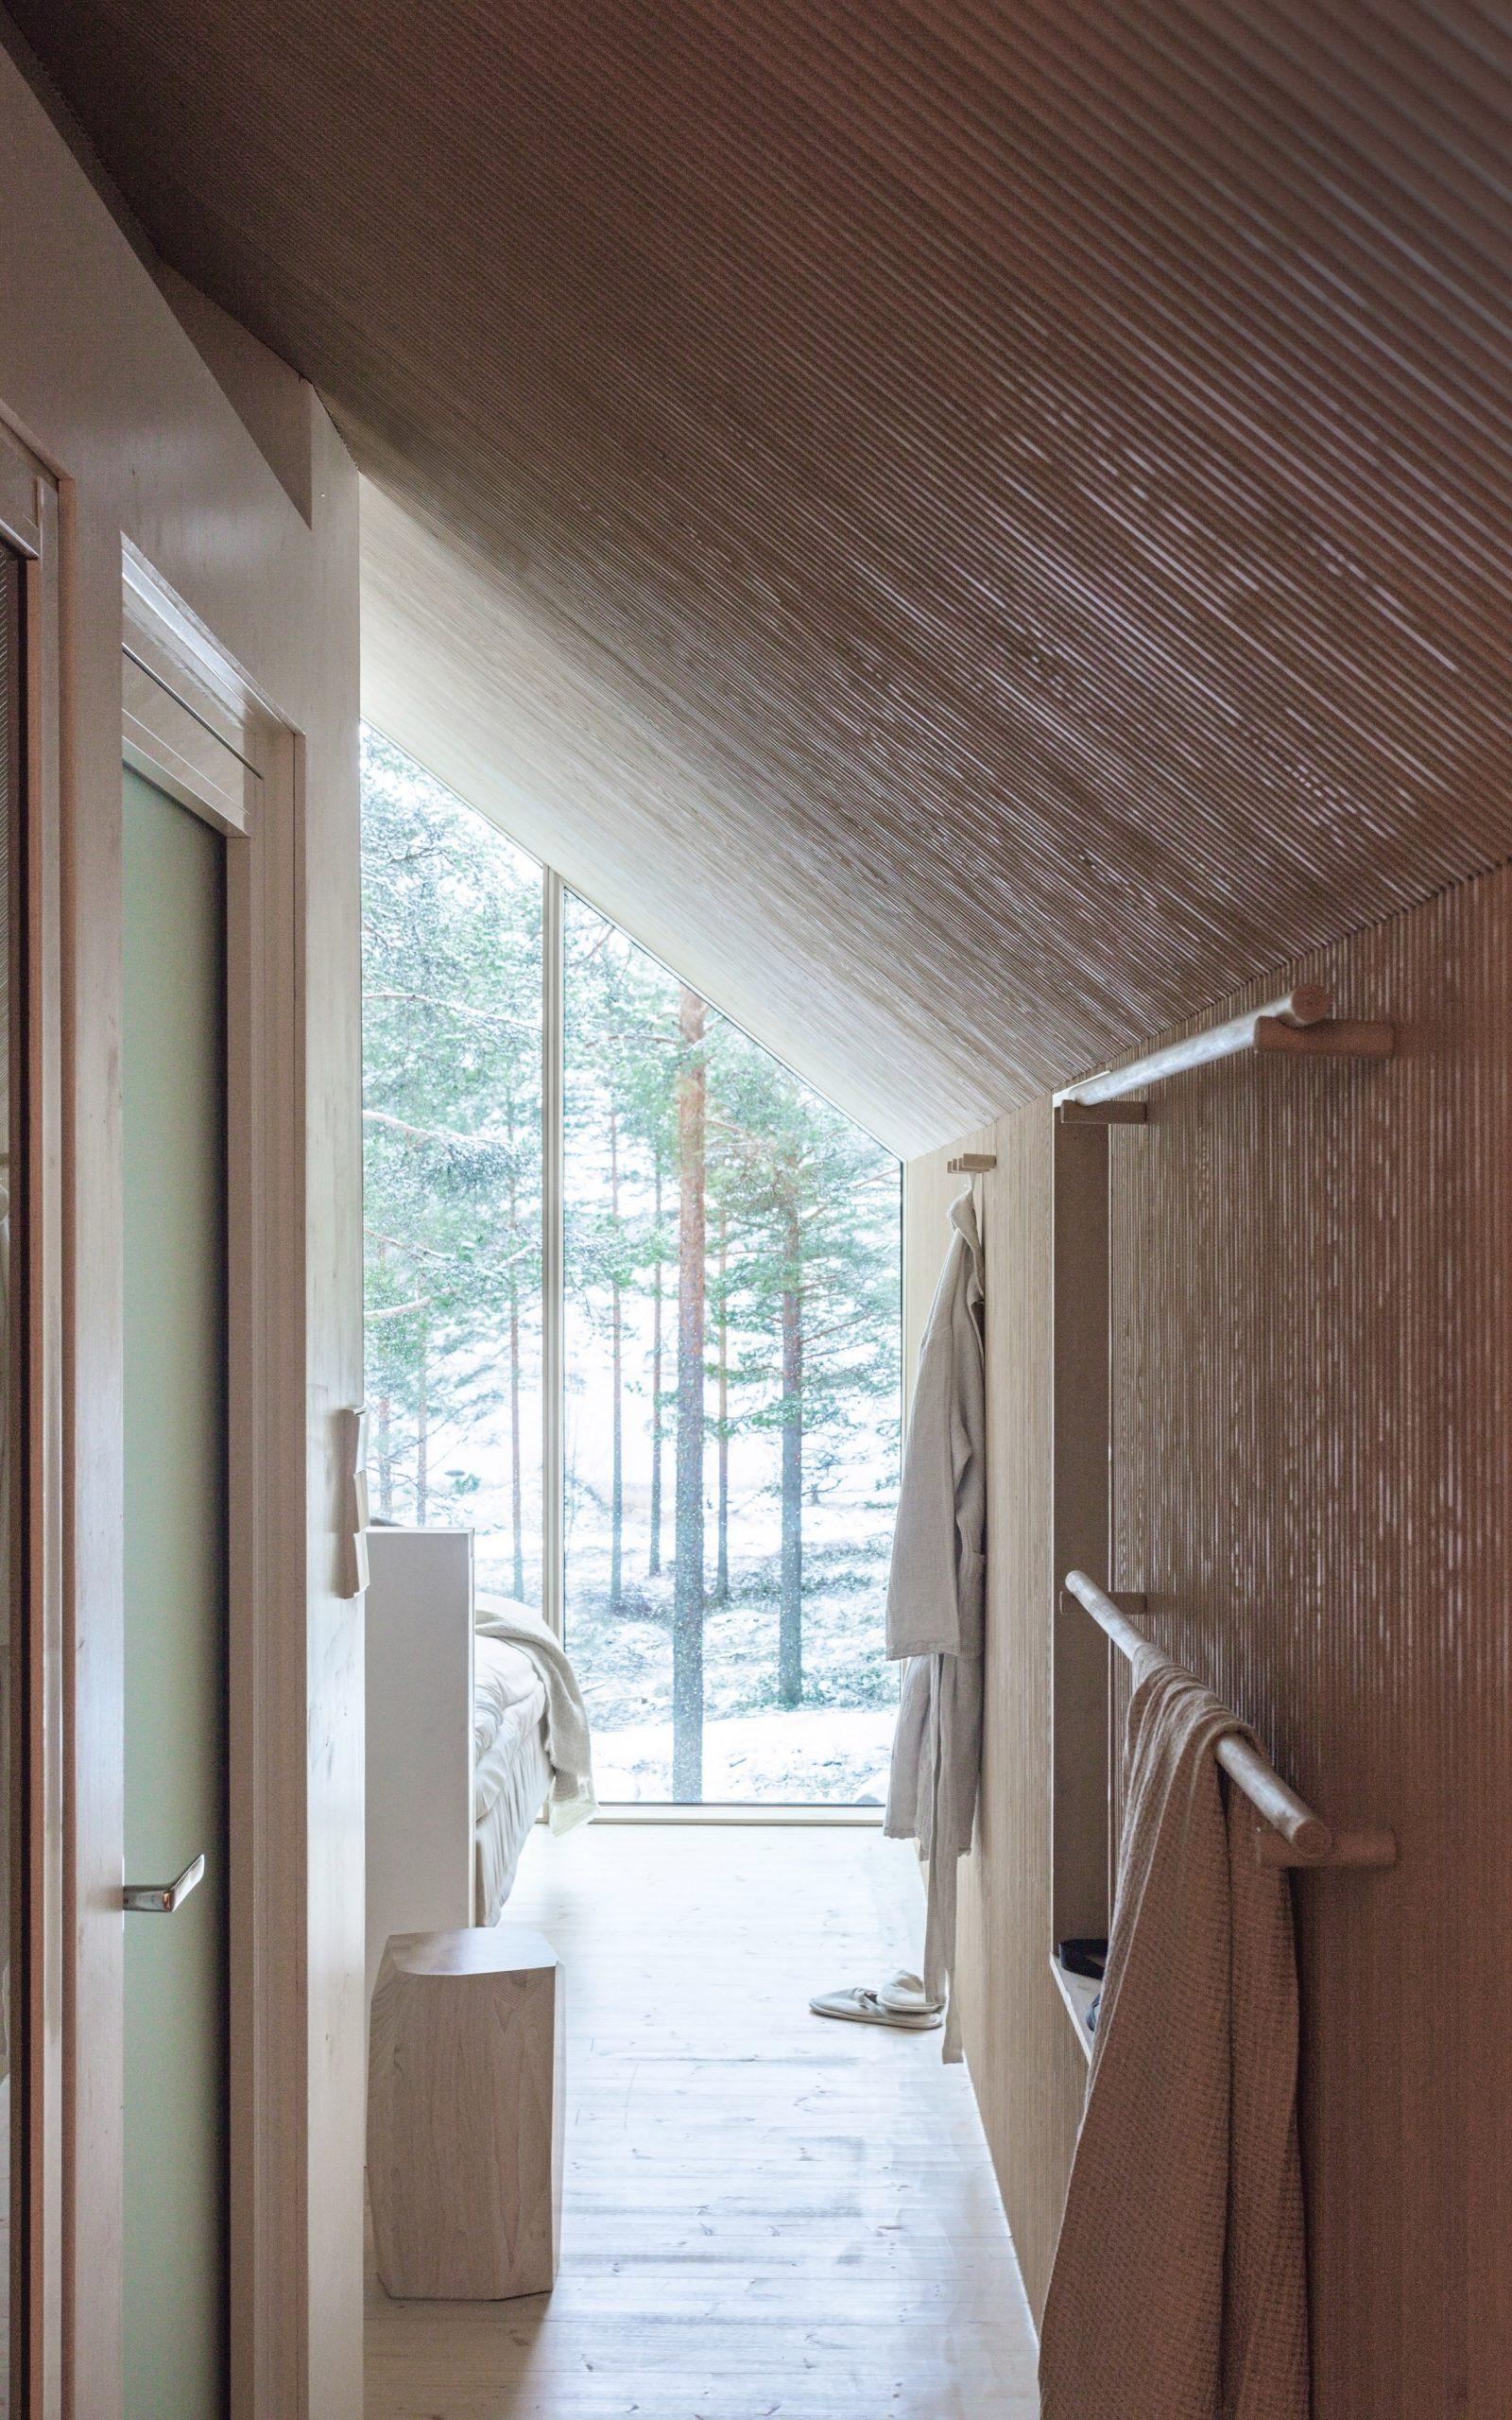 Parte interna. Cabana de cor preta assinada pelo Studio Puisto que elevou-a em uma única coluna. Localizado no Parque Nacional Salamajärvi, na Finlândia.